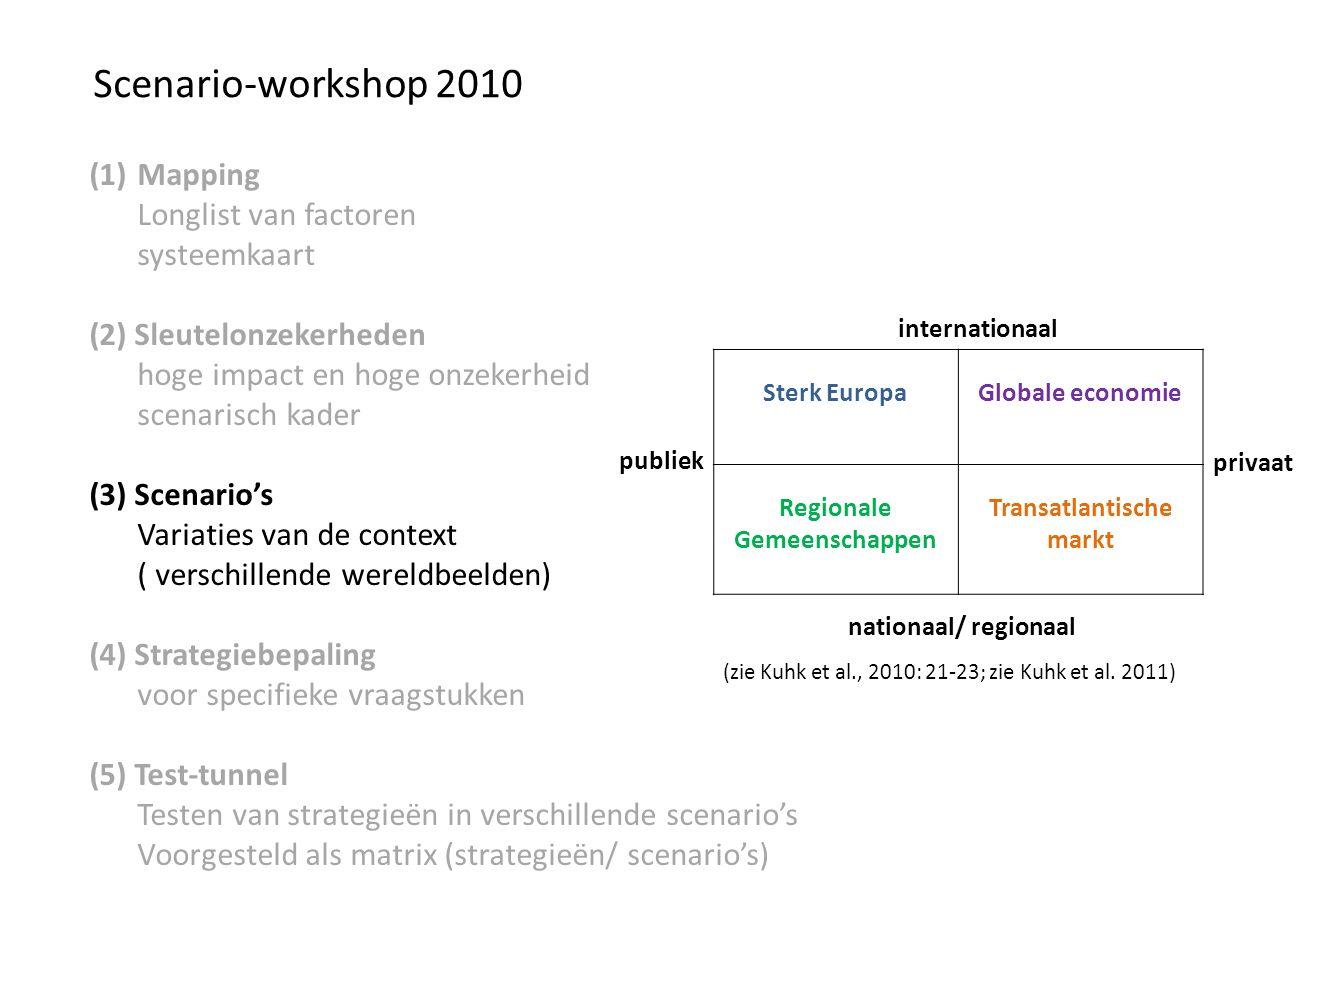 Scenario-workshop 2010 (1)Mapping Longlist van factoren systeemkaart (2) Sleutelonzekerheden hoge impact en hoge onzekerheid scenarisch kader (3) Scenario's Variaties van de context ( verschillende wereldbeelden) (4) Strategiebepaling voor specifieke vraagstukken (5) Test-tunnel Testen van strategieën in verschillende scenario's Voorgesteld als matrix (strategieën/ scenario's) Sterk EuropaGlobale economie Regionale Gemeenschappen Transatlantische markt internationaal nationaal/ regionaal publiek privaat (zie Kuhk et al., 2010: 21-23; zie Kuhk et al.